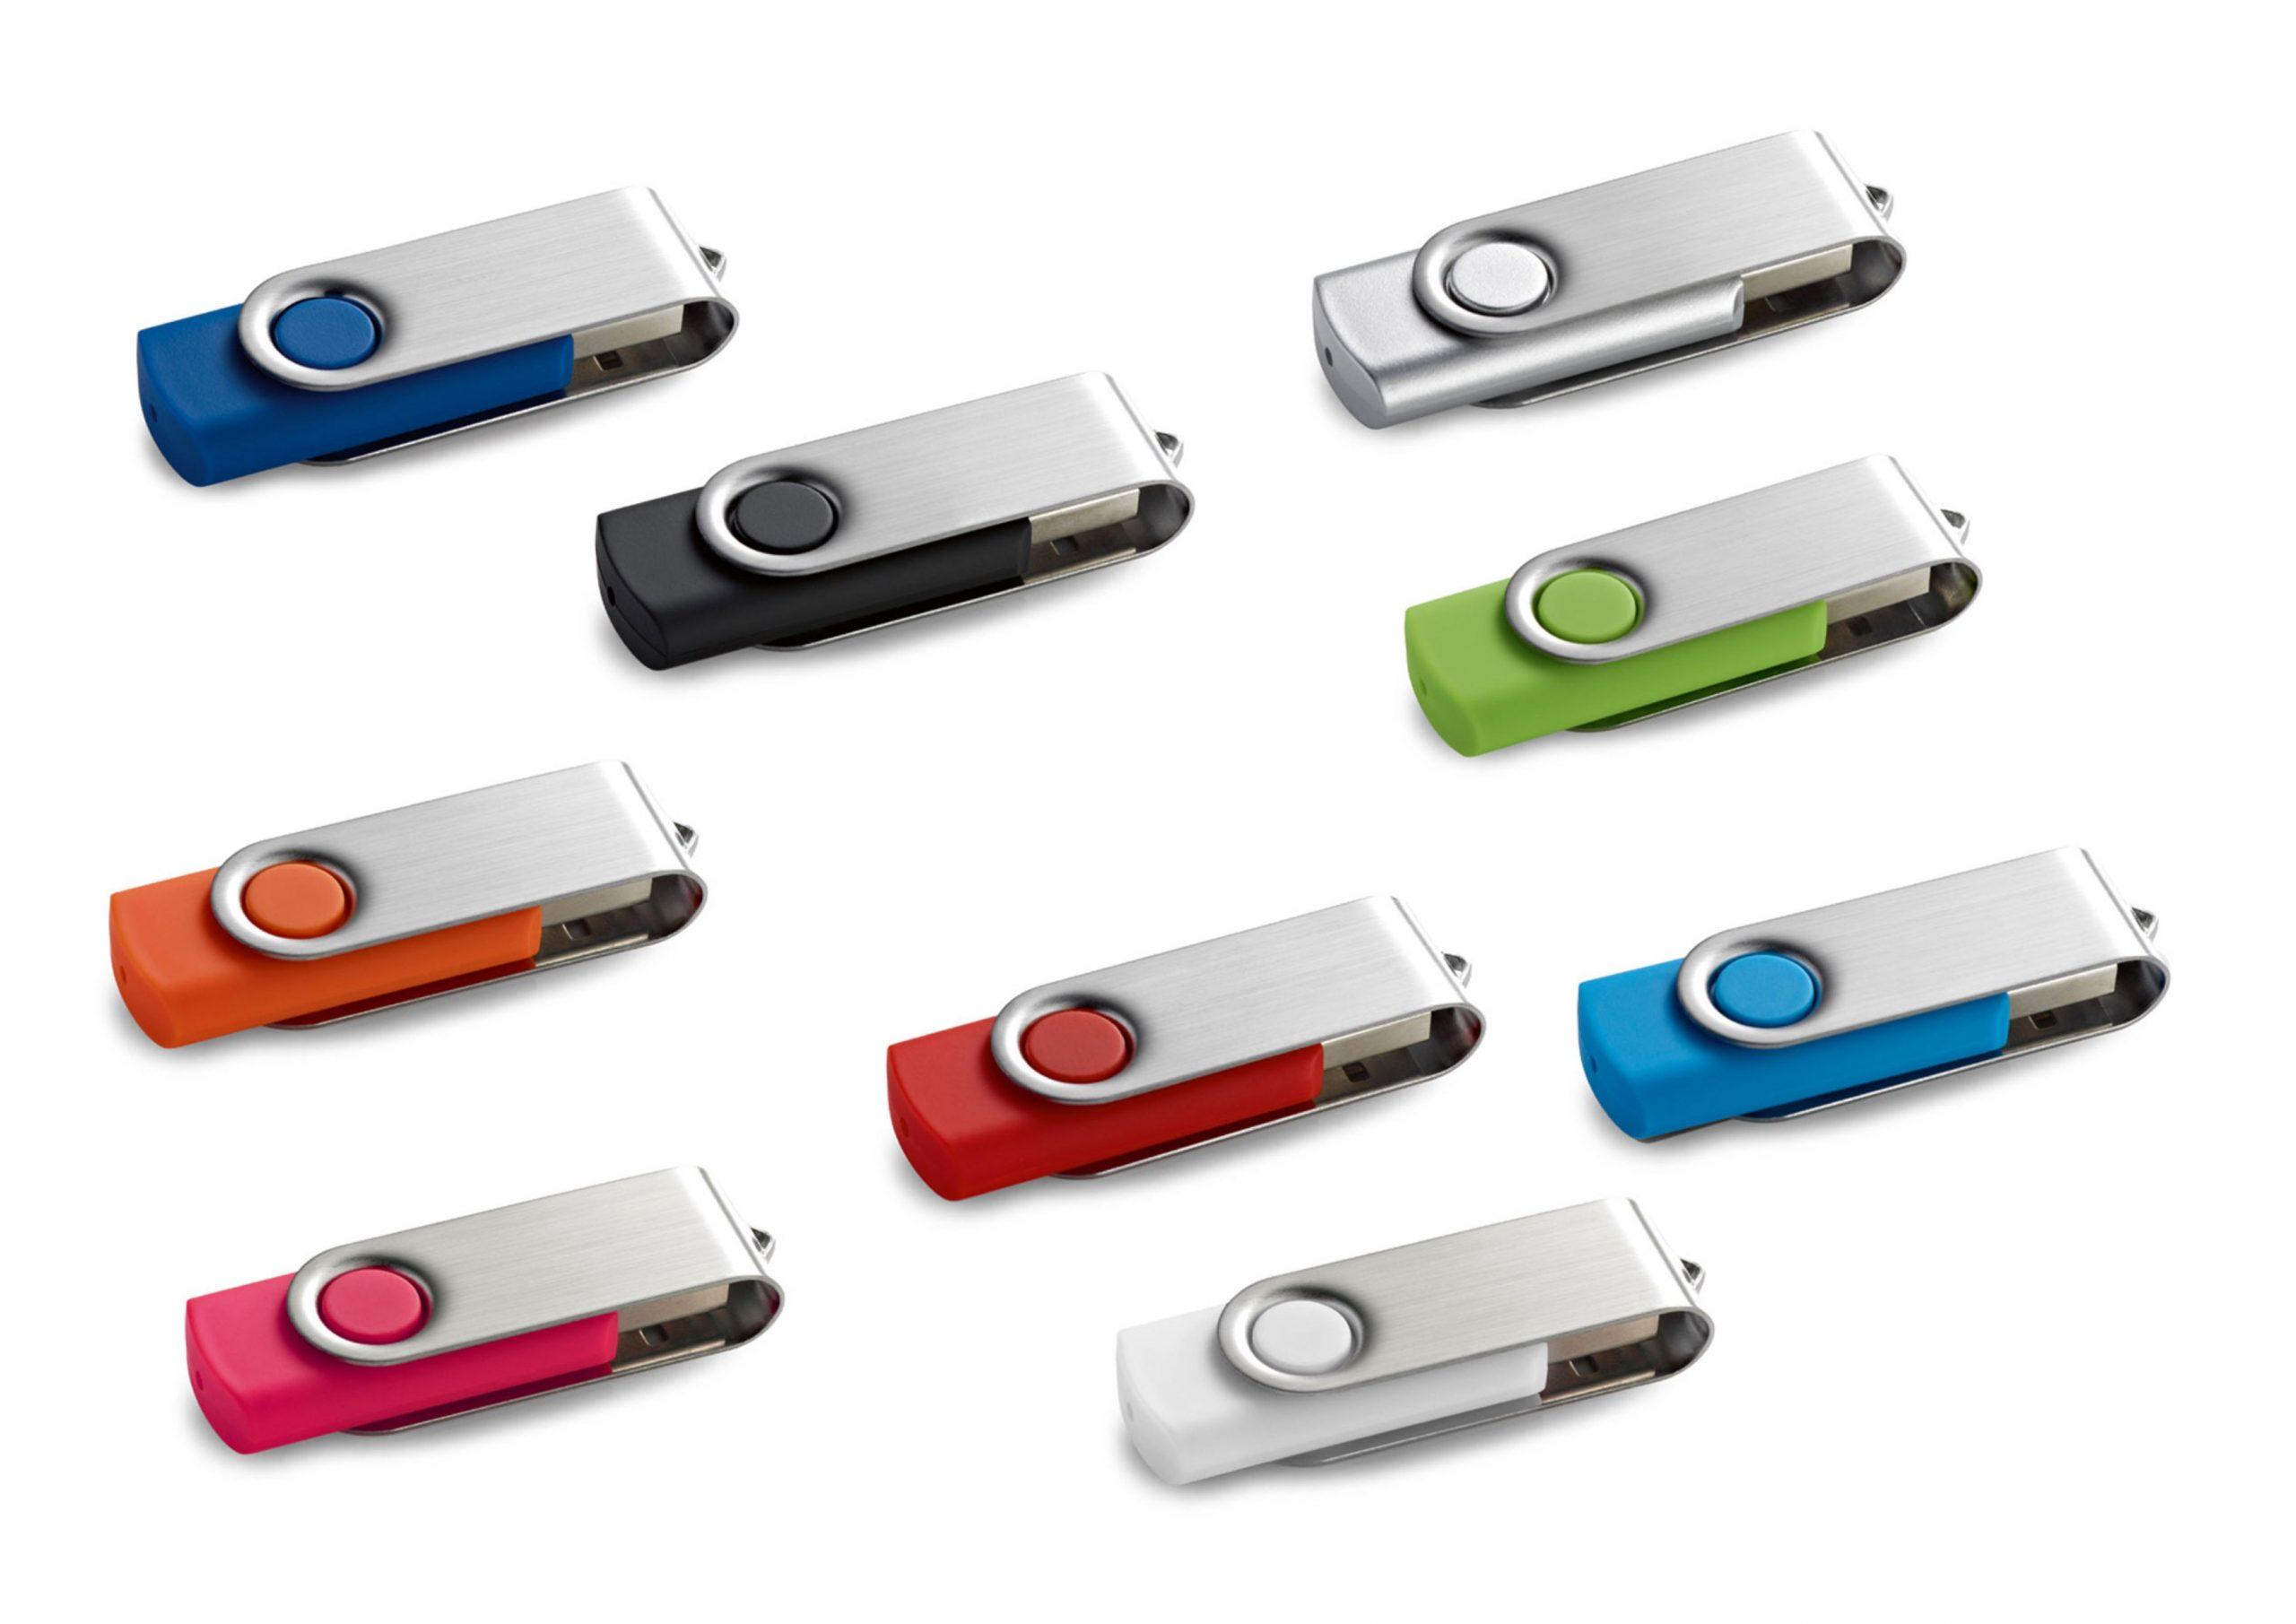 Memória USB, 4GB. 56 x 19 x 10 mm | Caixa: 86 x 45 x 20 mm